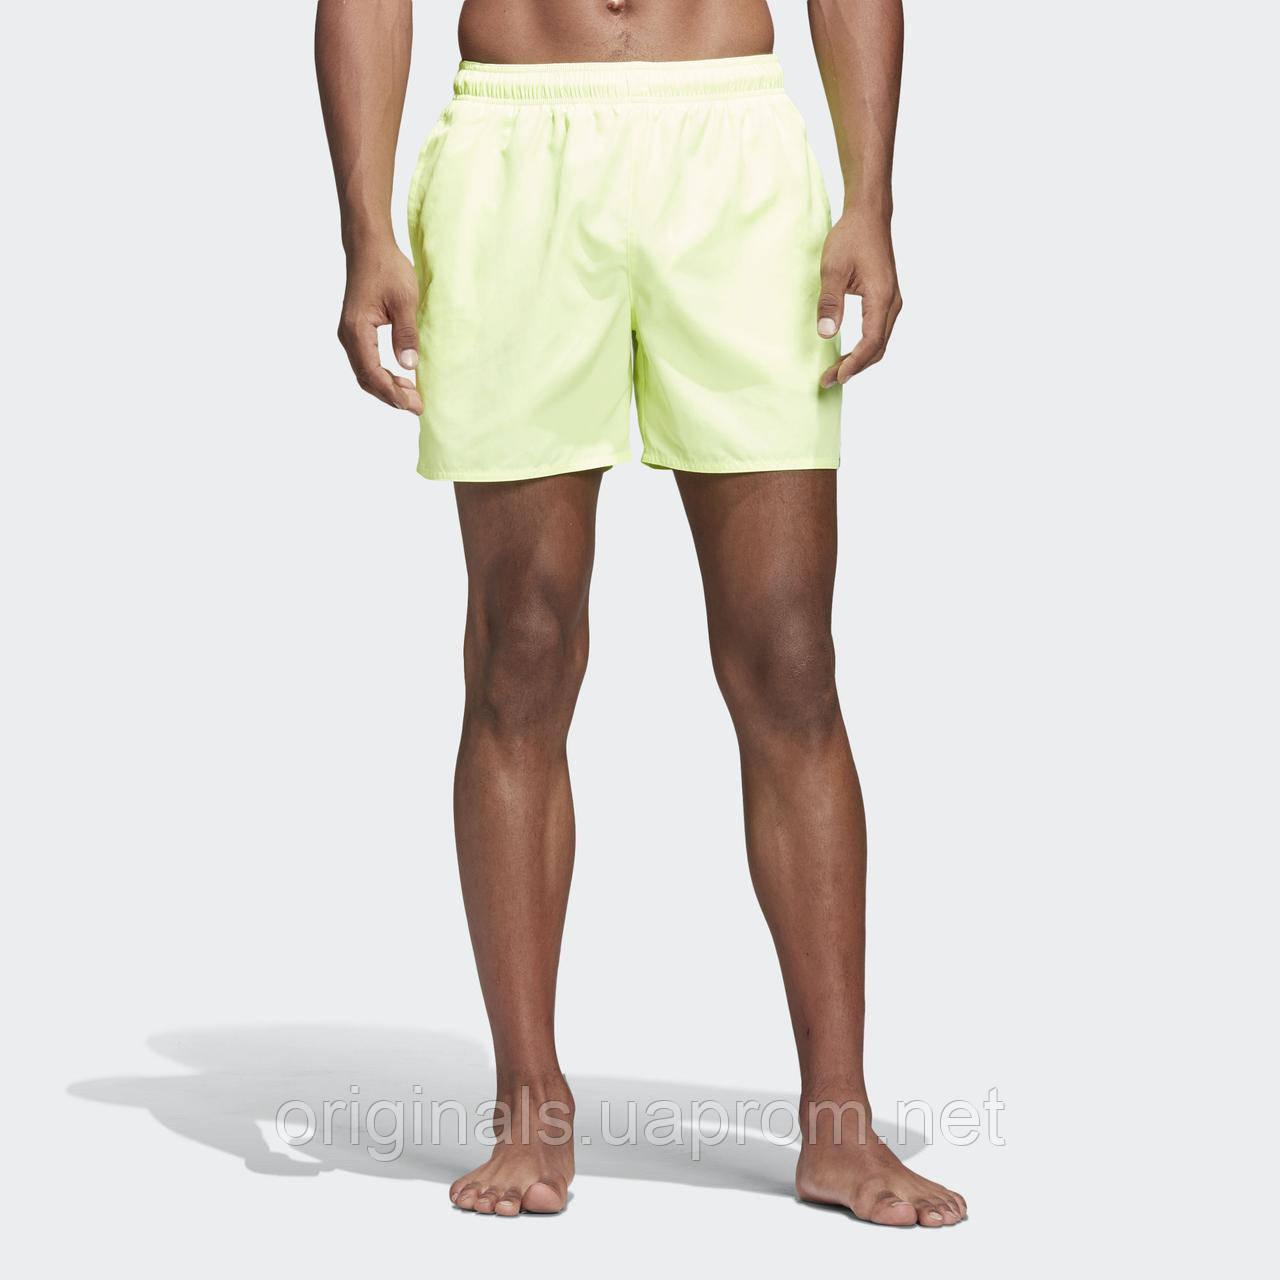 640074edfa375 Пляжные шорты Adidas Solid DQ3025 - 2018/2 - интернет-магазин Originals -  Оригинальный